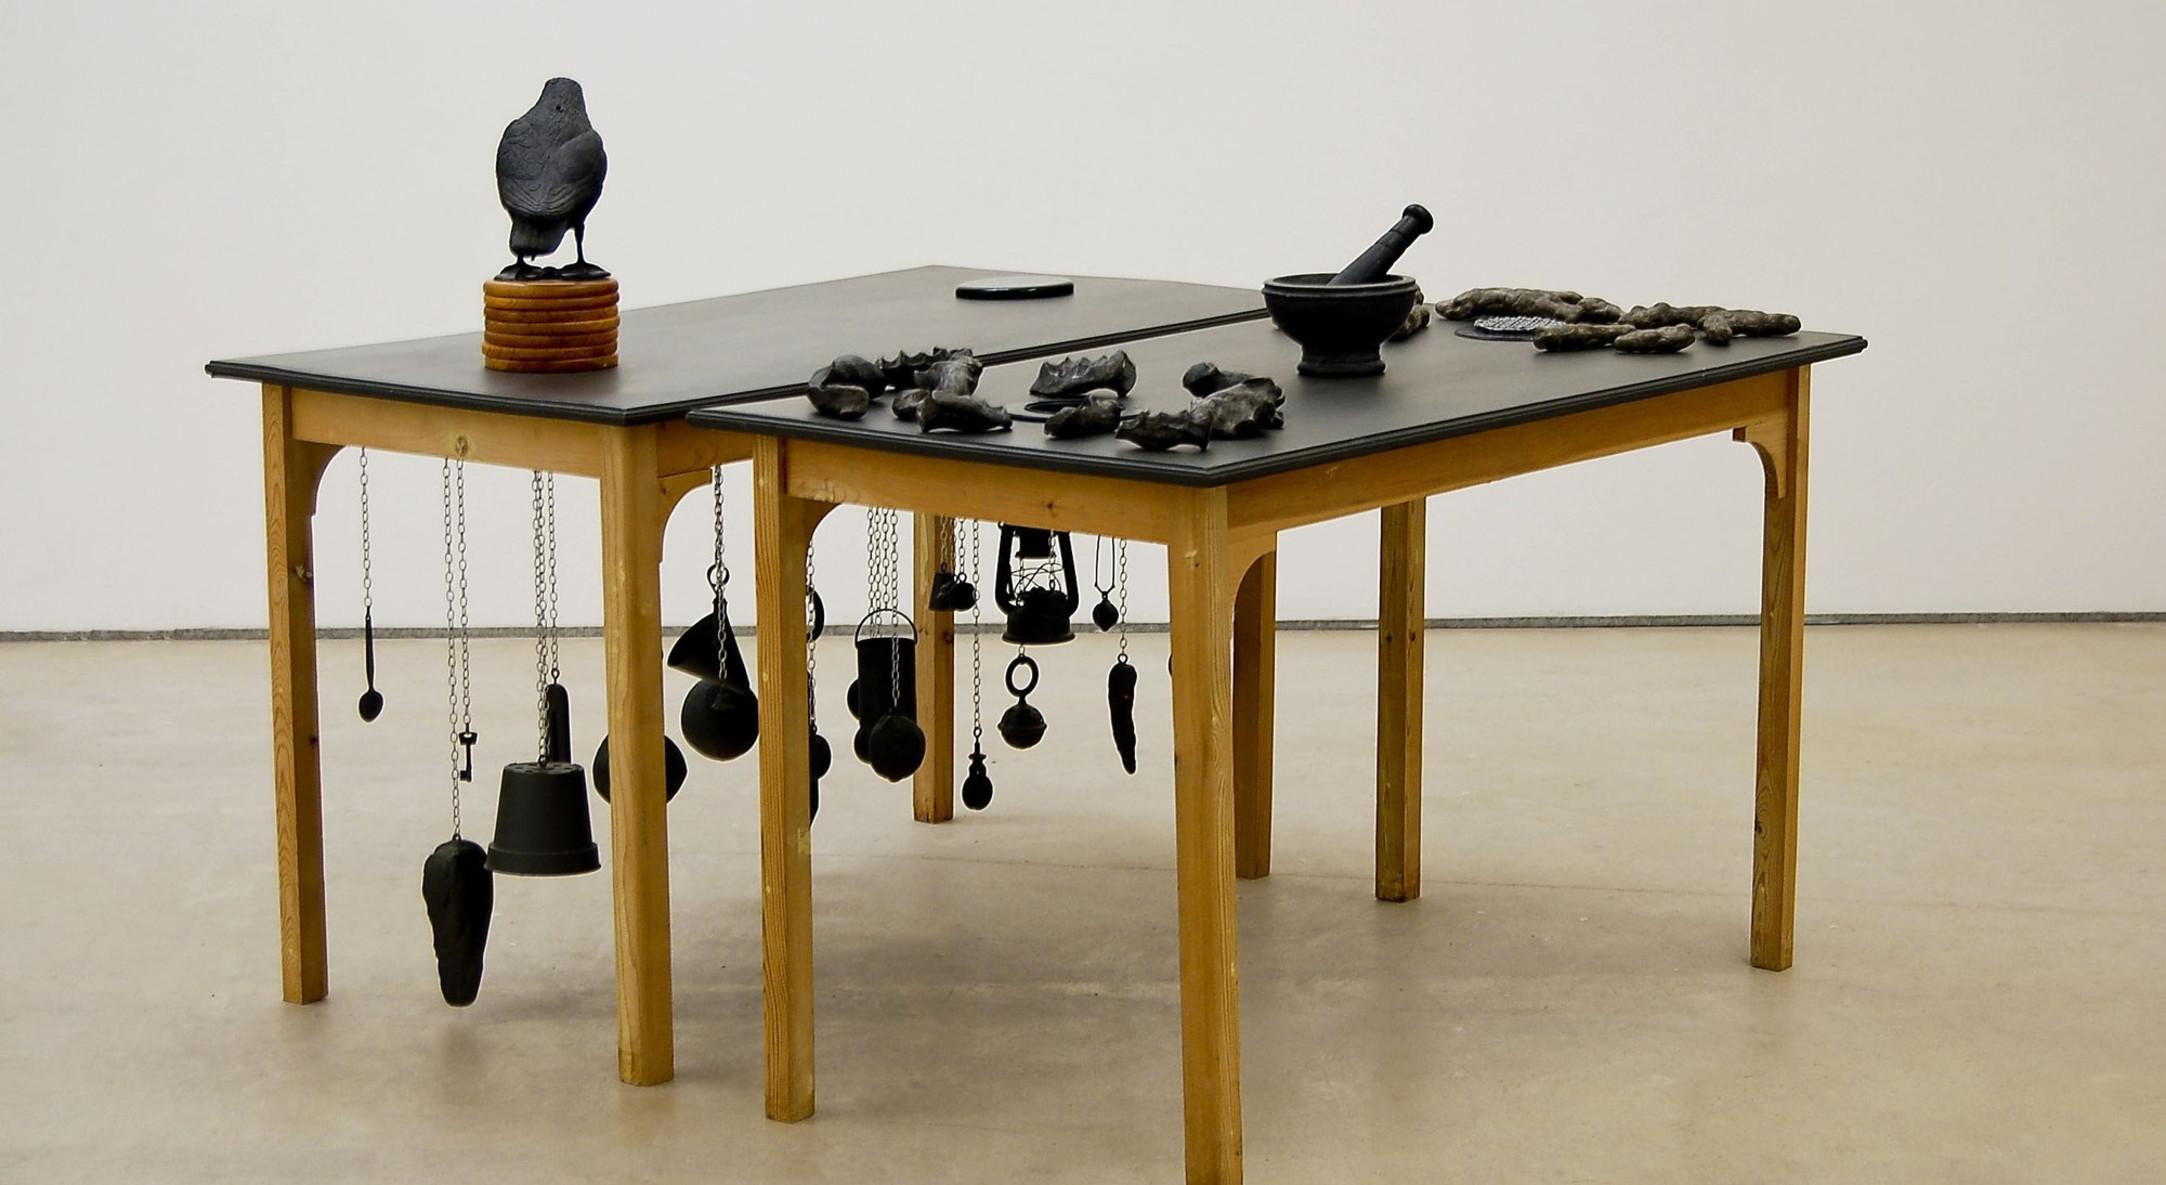 Carl Plackman, Decoy, 2000, Mixed media